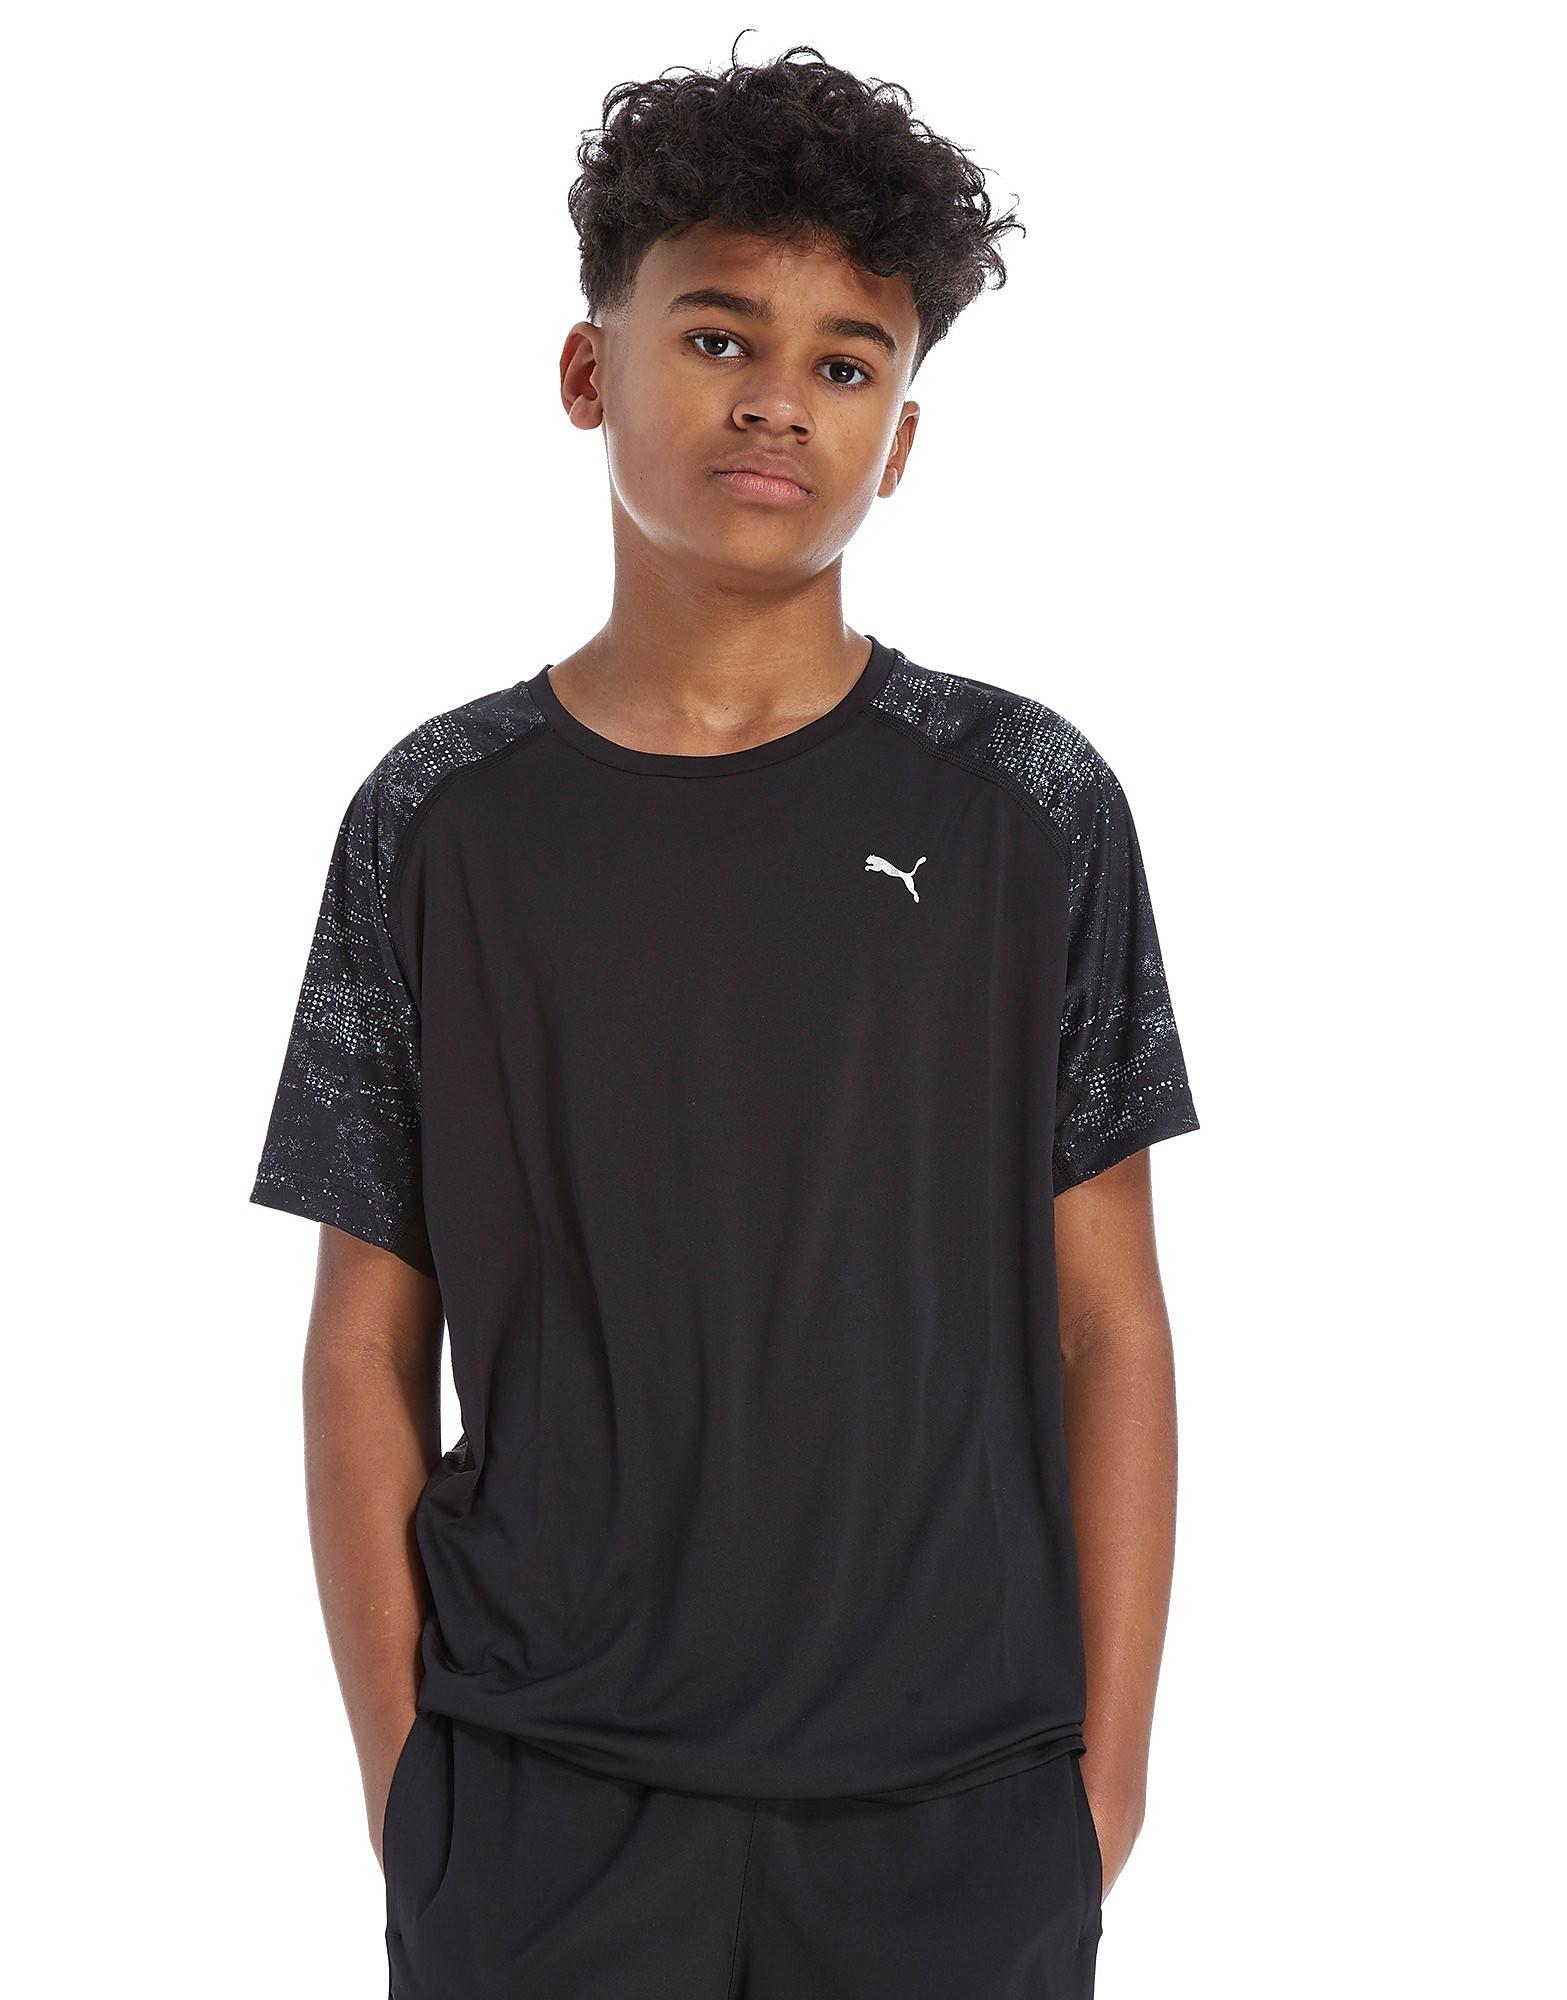 PUMA Printed Poly T-Shirt Junior